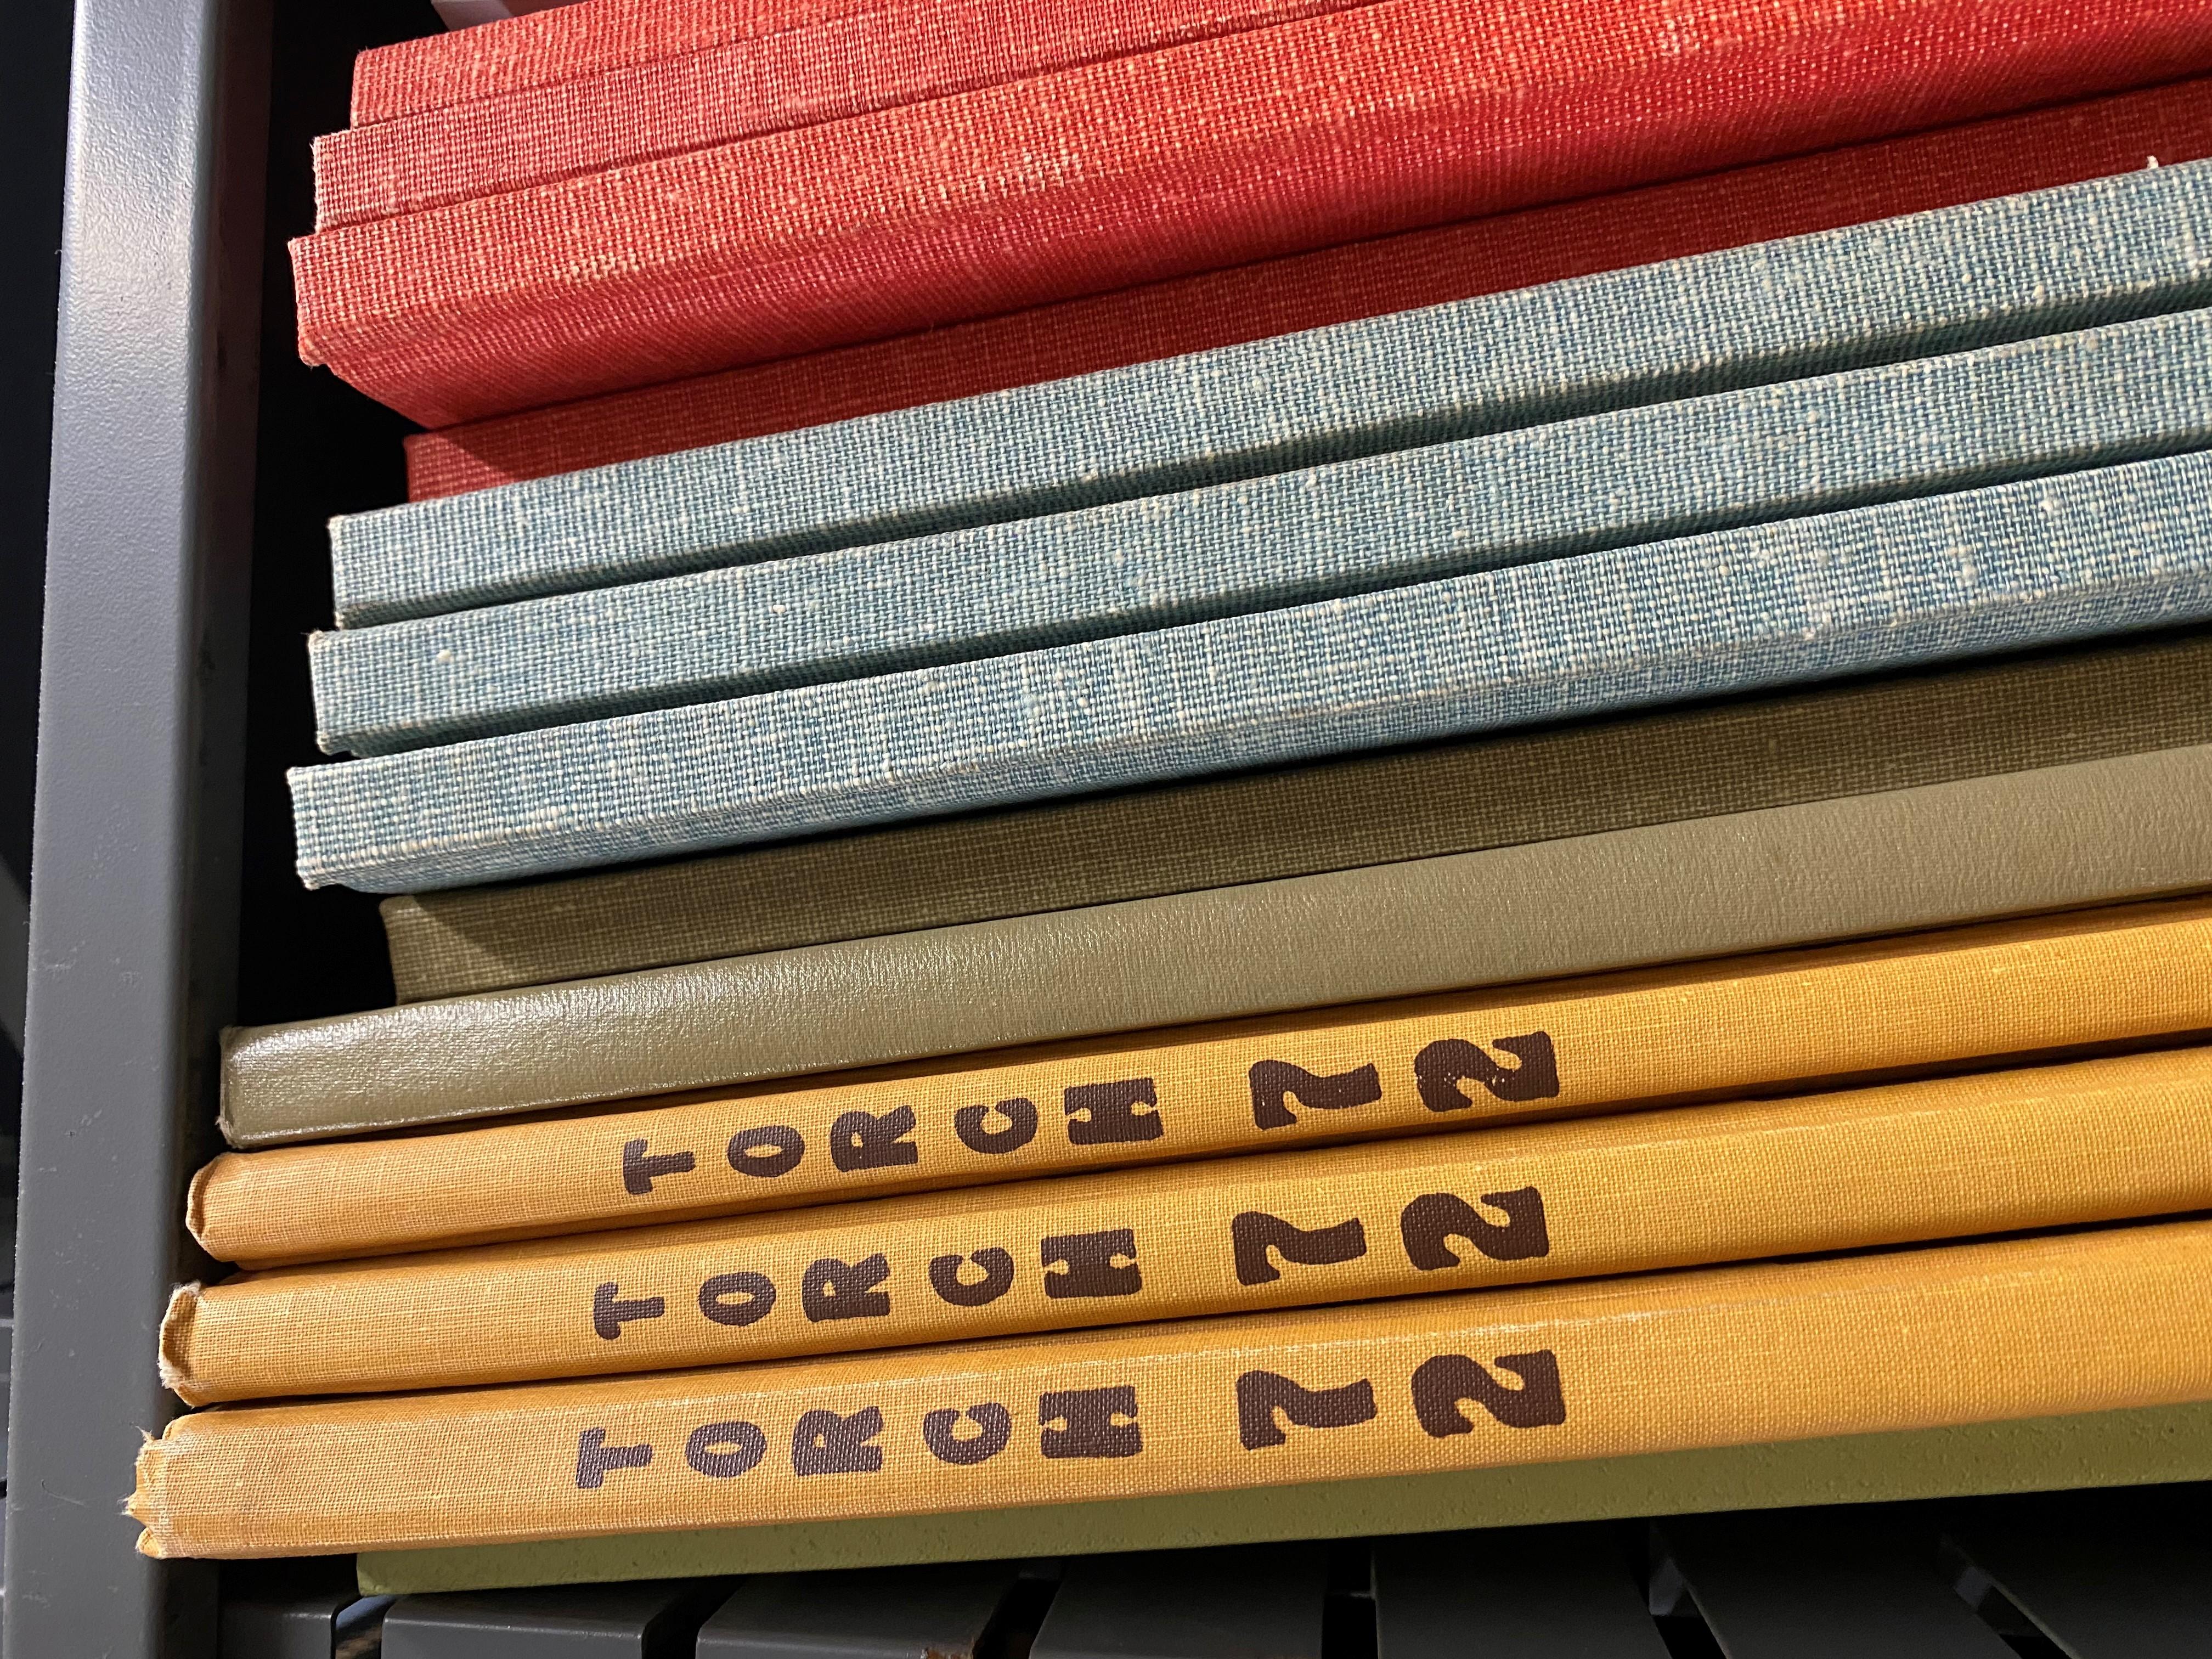 Edgewood yearbooks